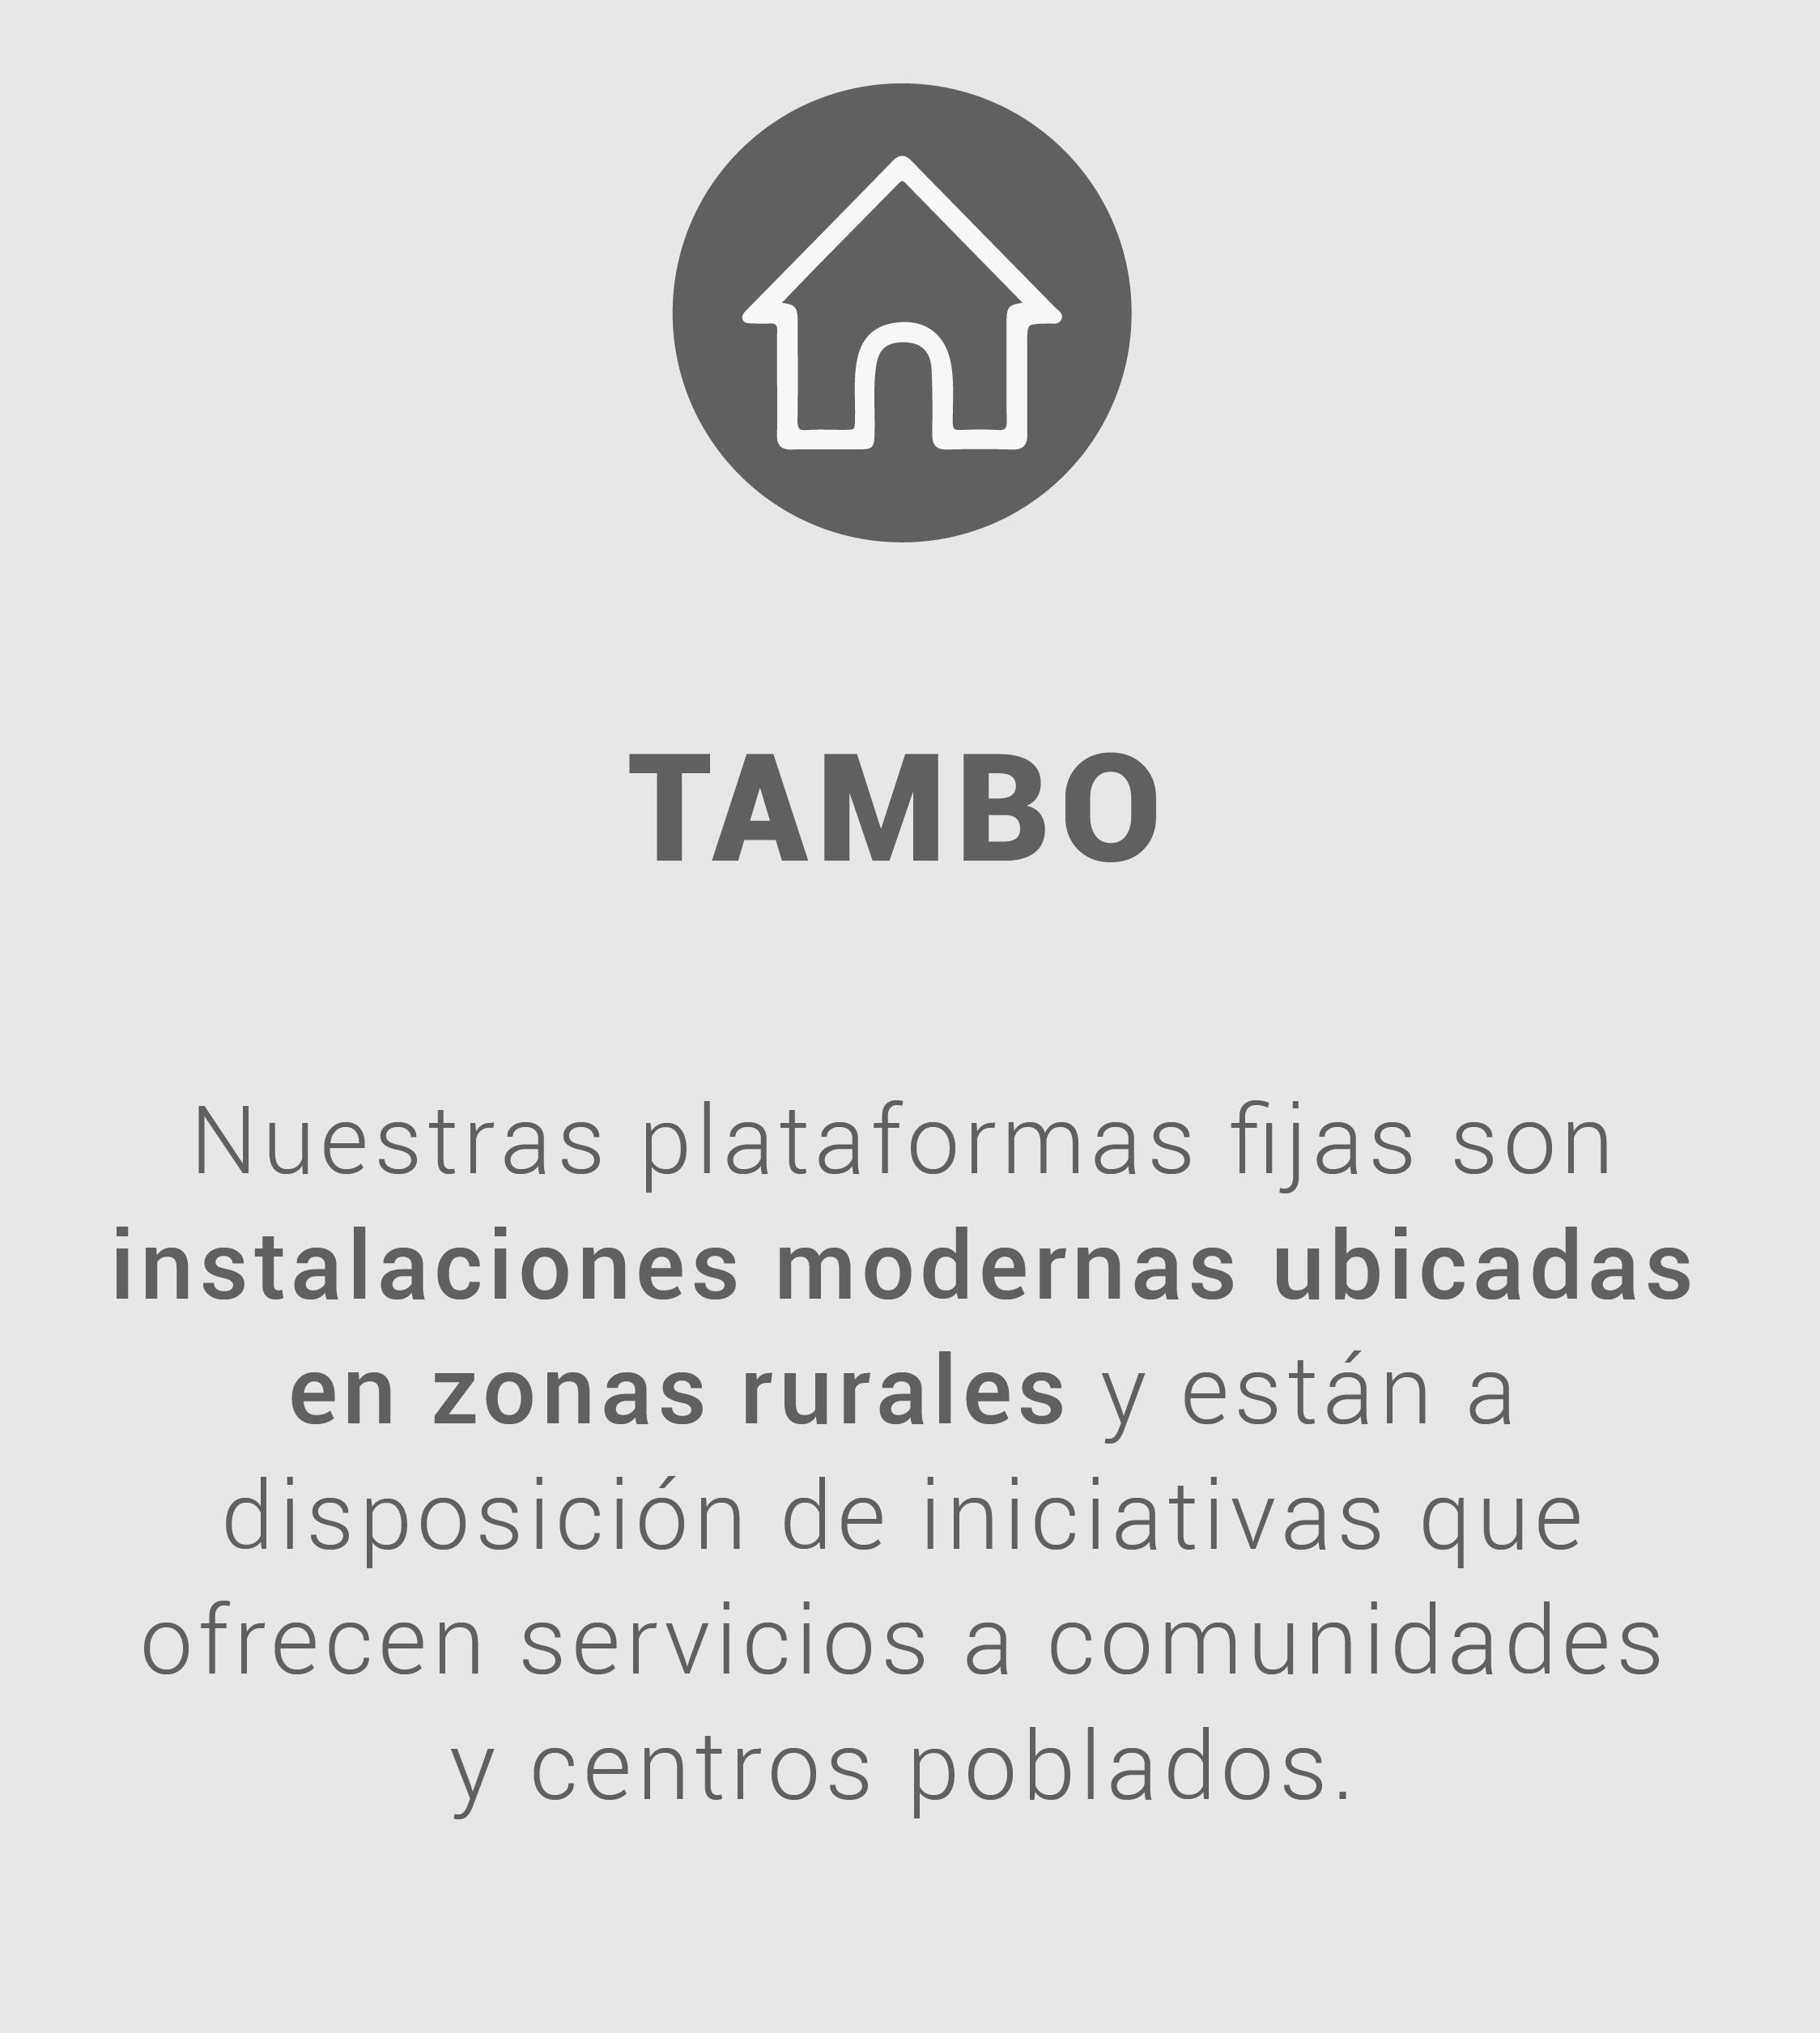 banco herramientas - Tambos